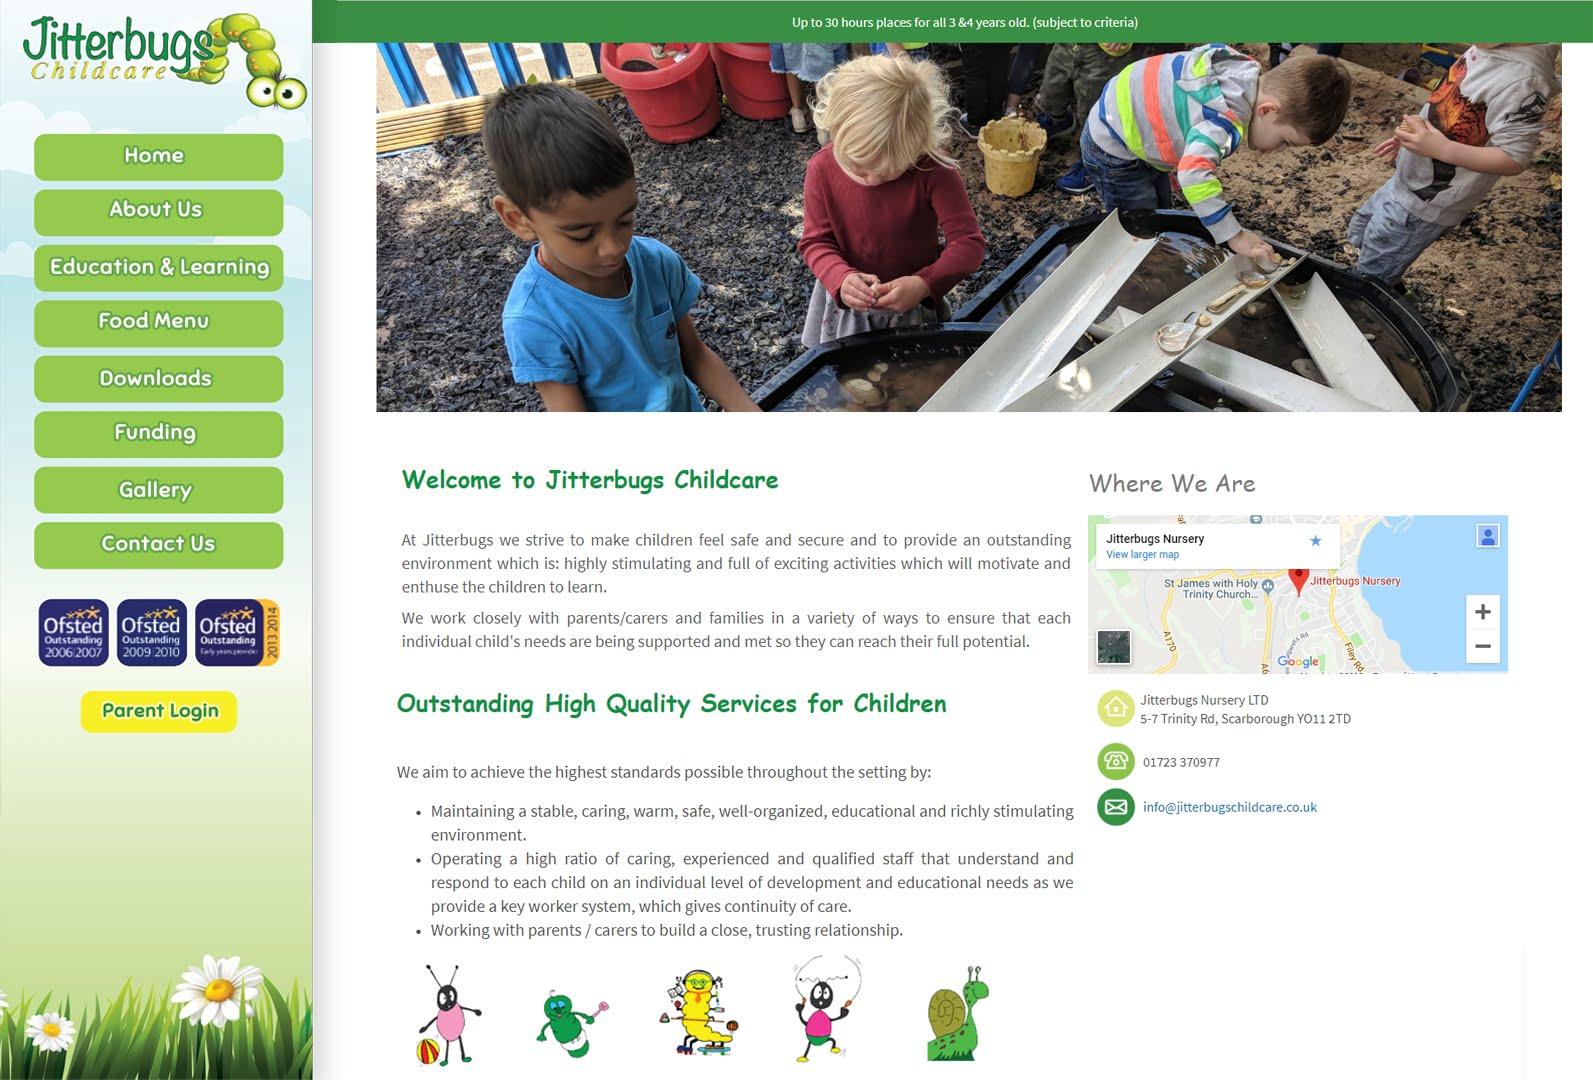 jitterbugs childcare